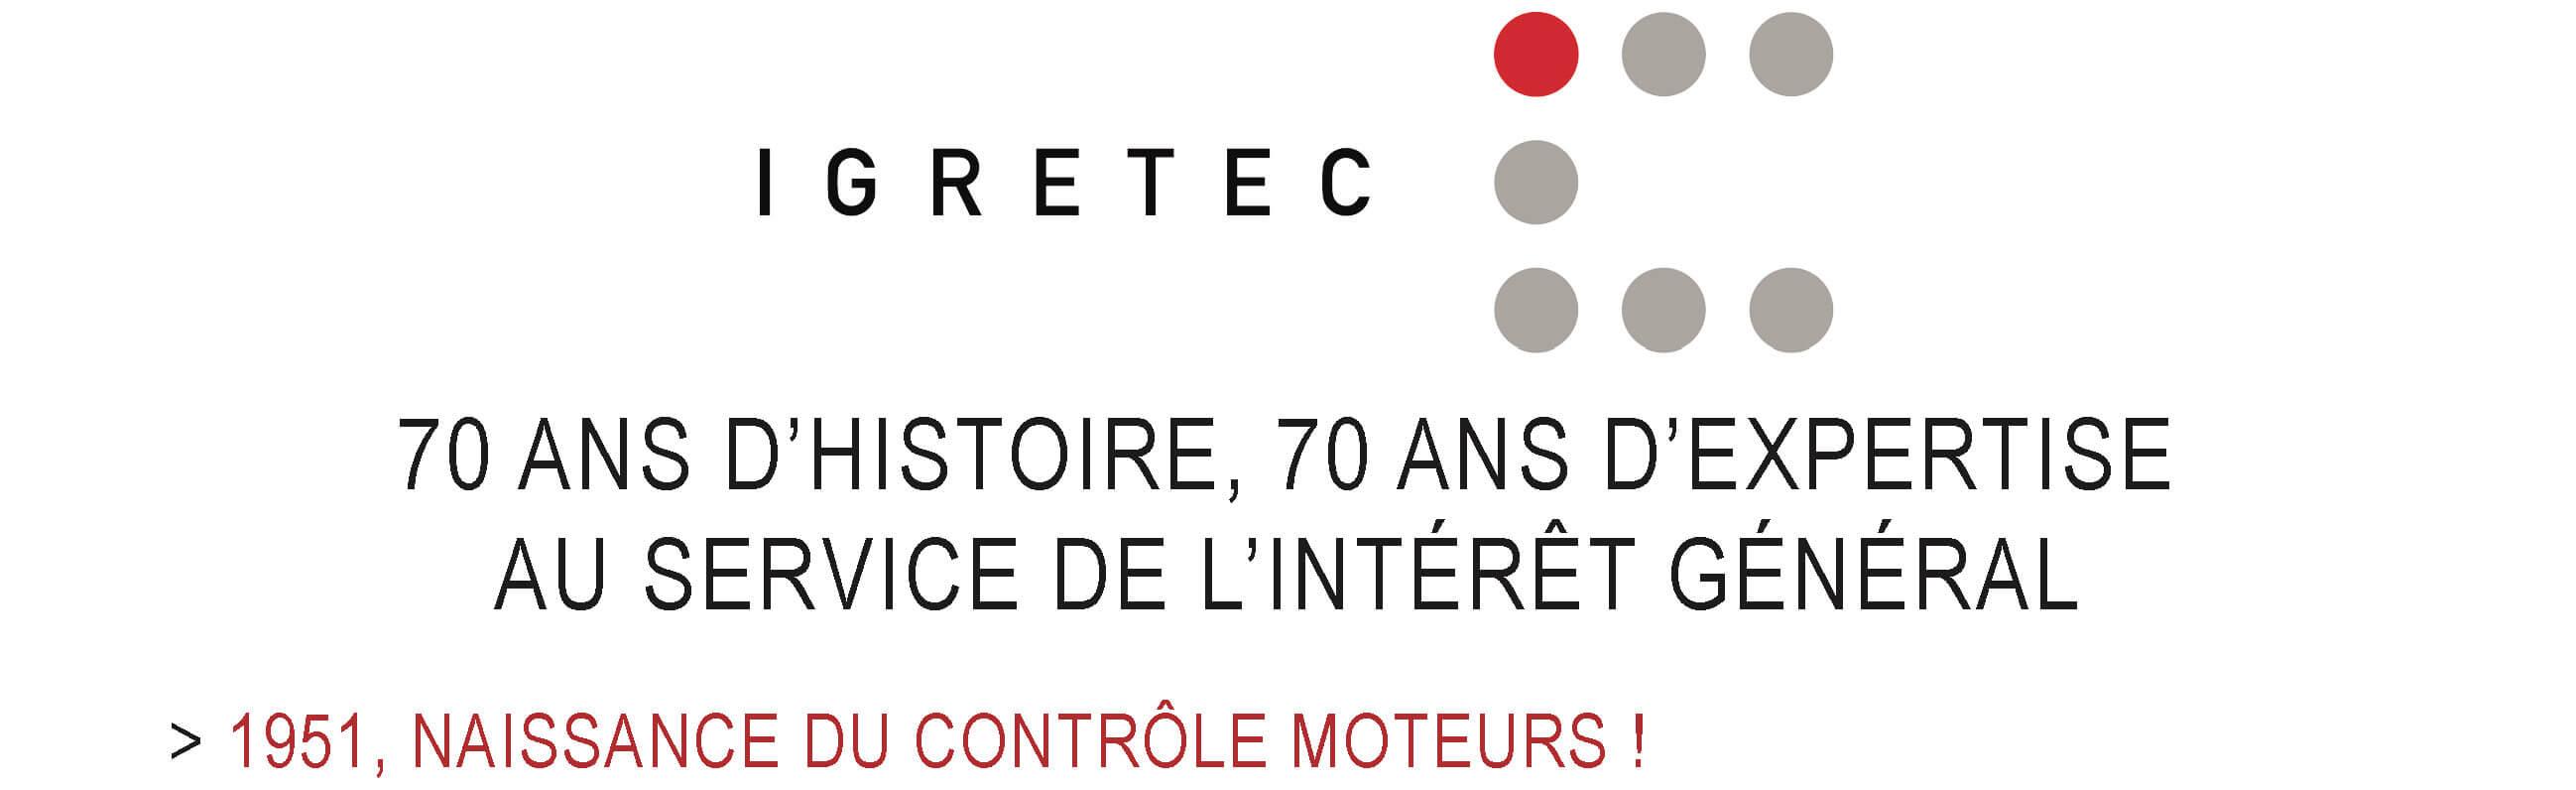 IGRETEC a 70 ans : 1951, naissance du contrôle moteurs !